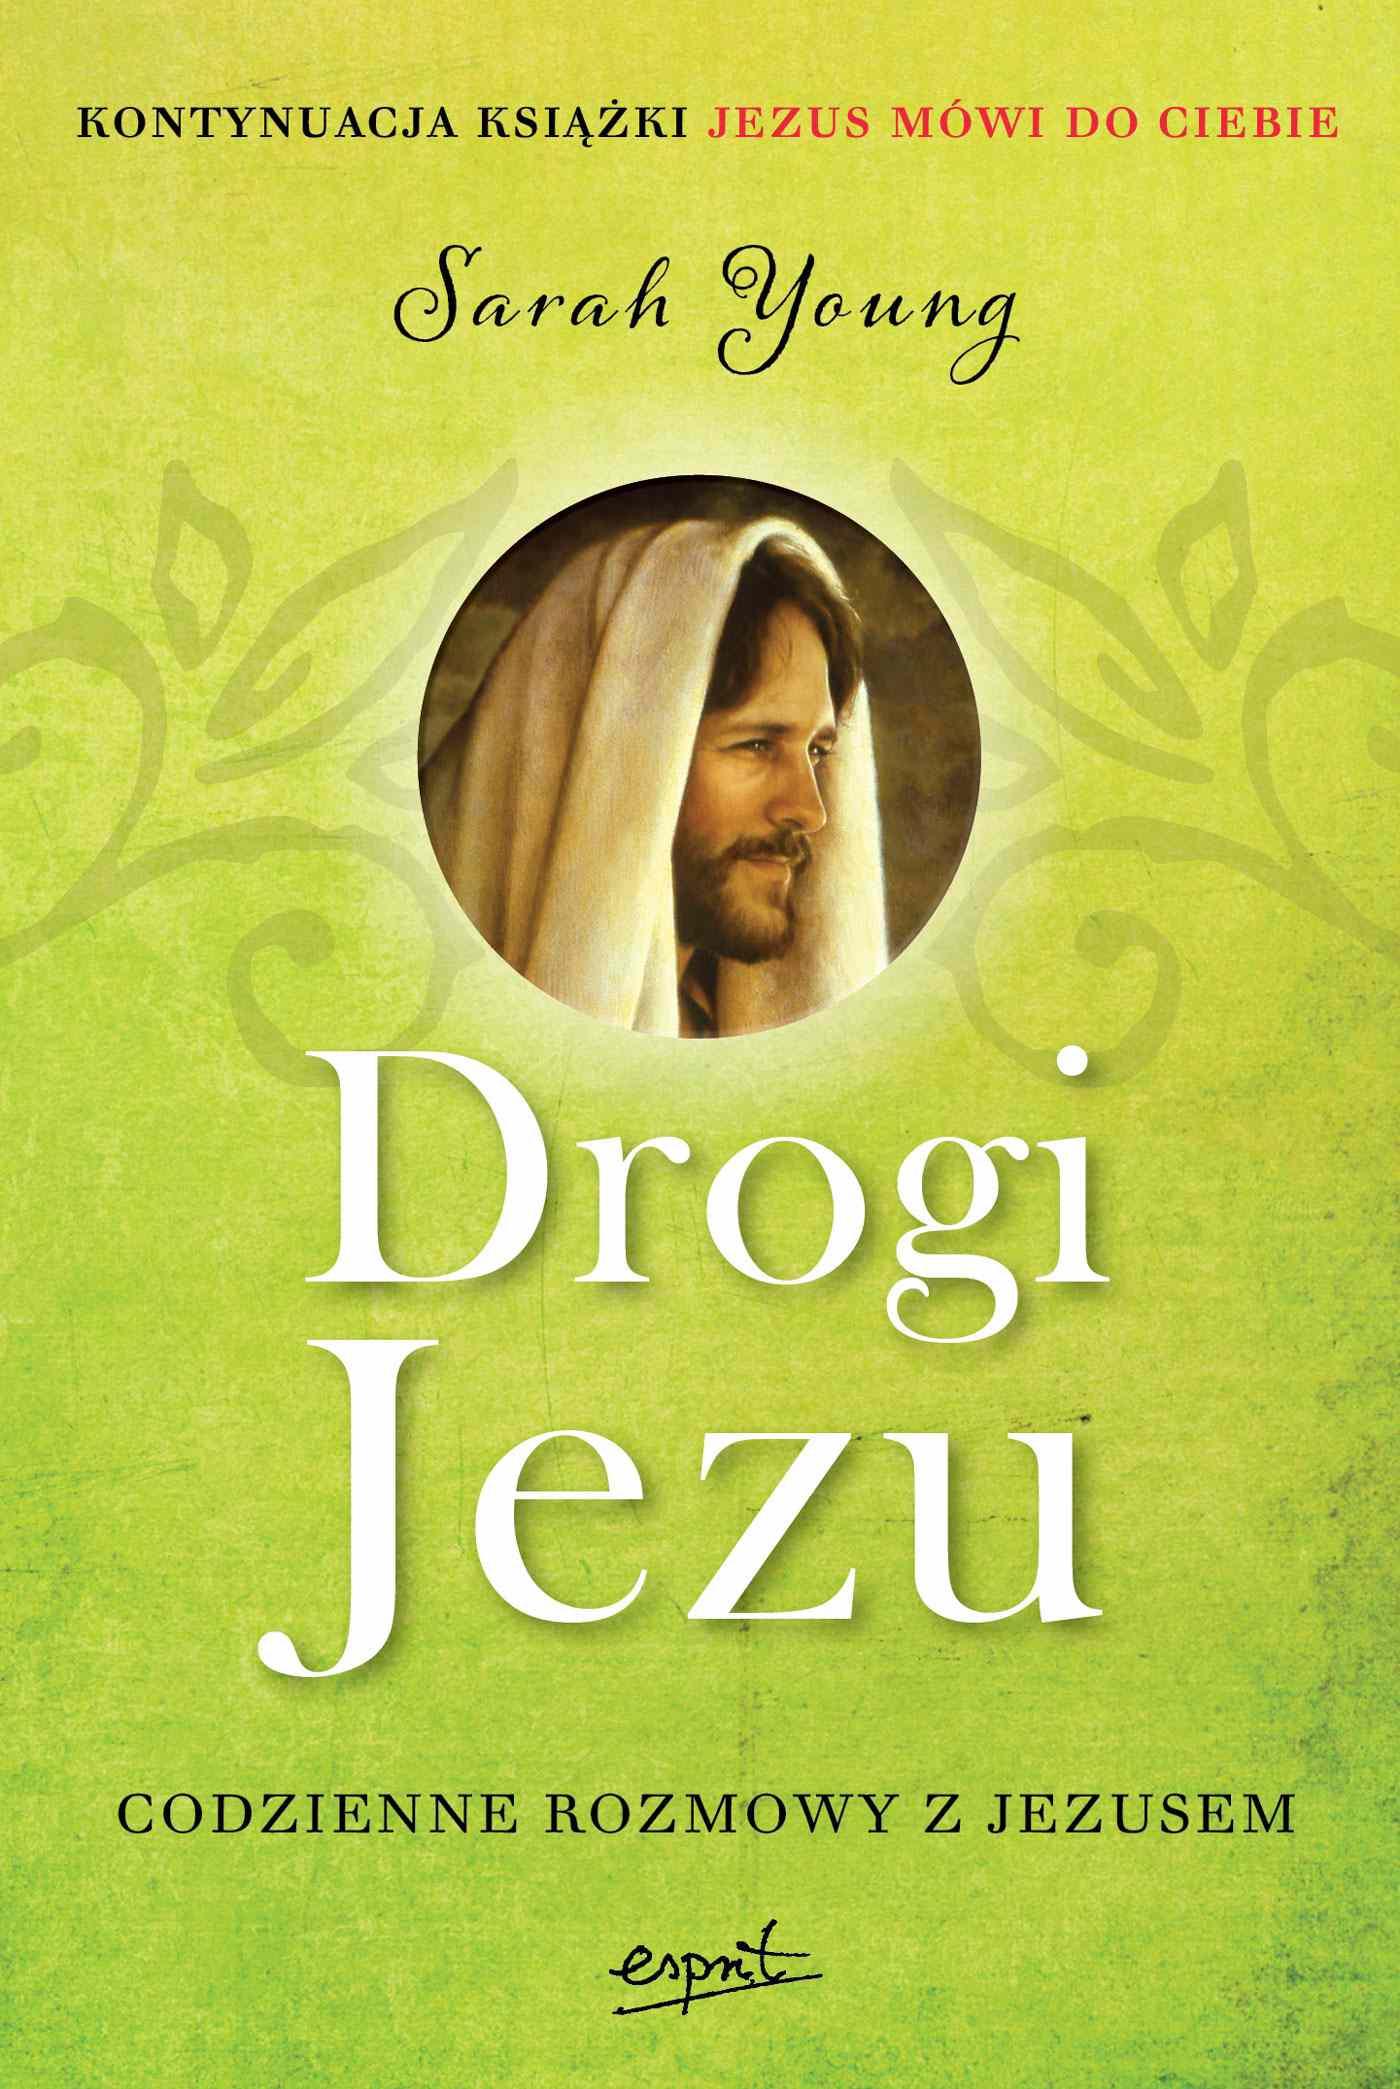 Drogi Jezu - Ebook (Książka EPUB) do pobrania w formacie EPUB